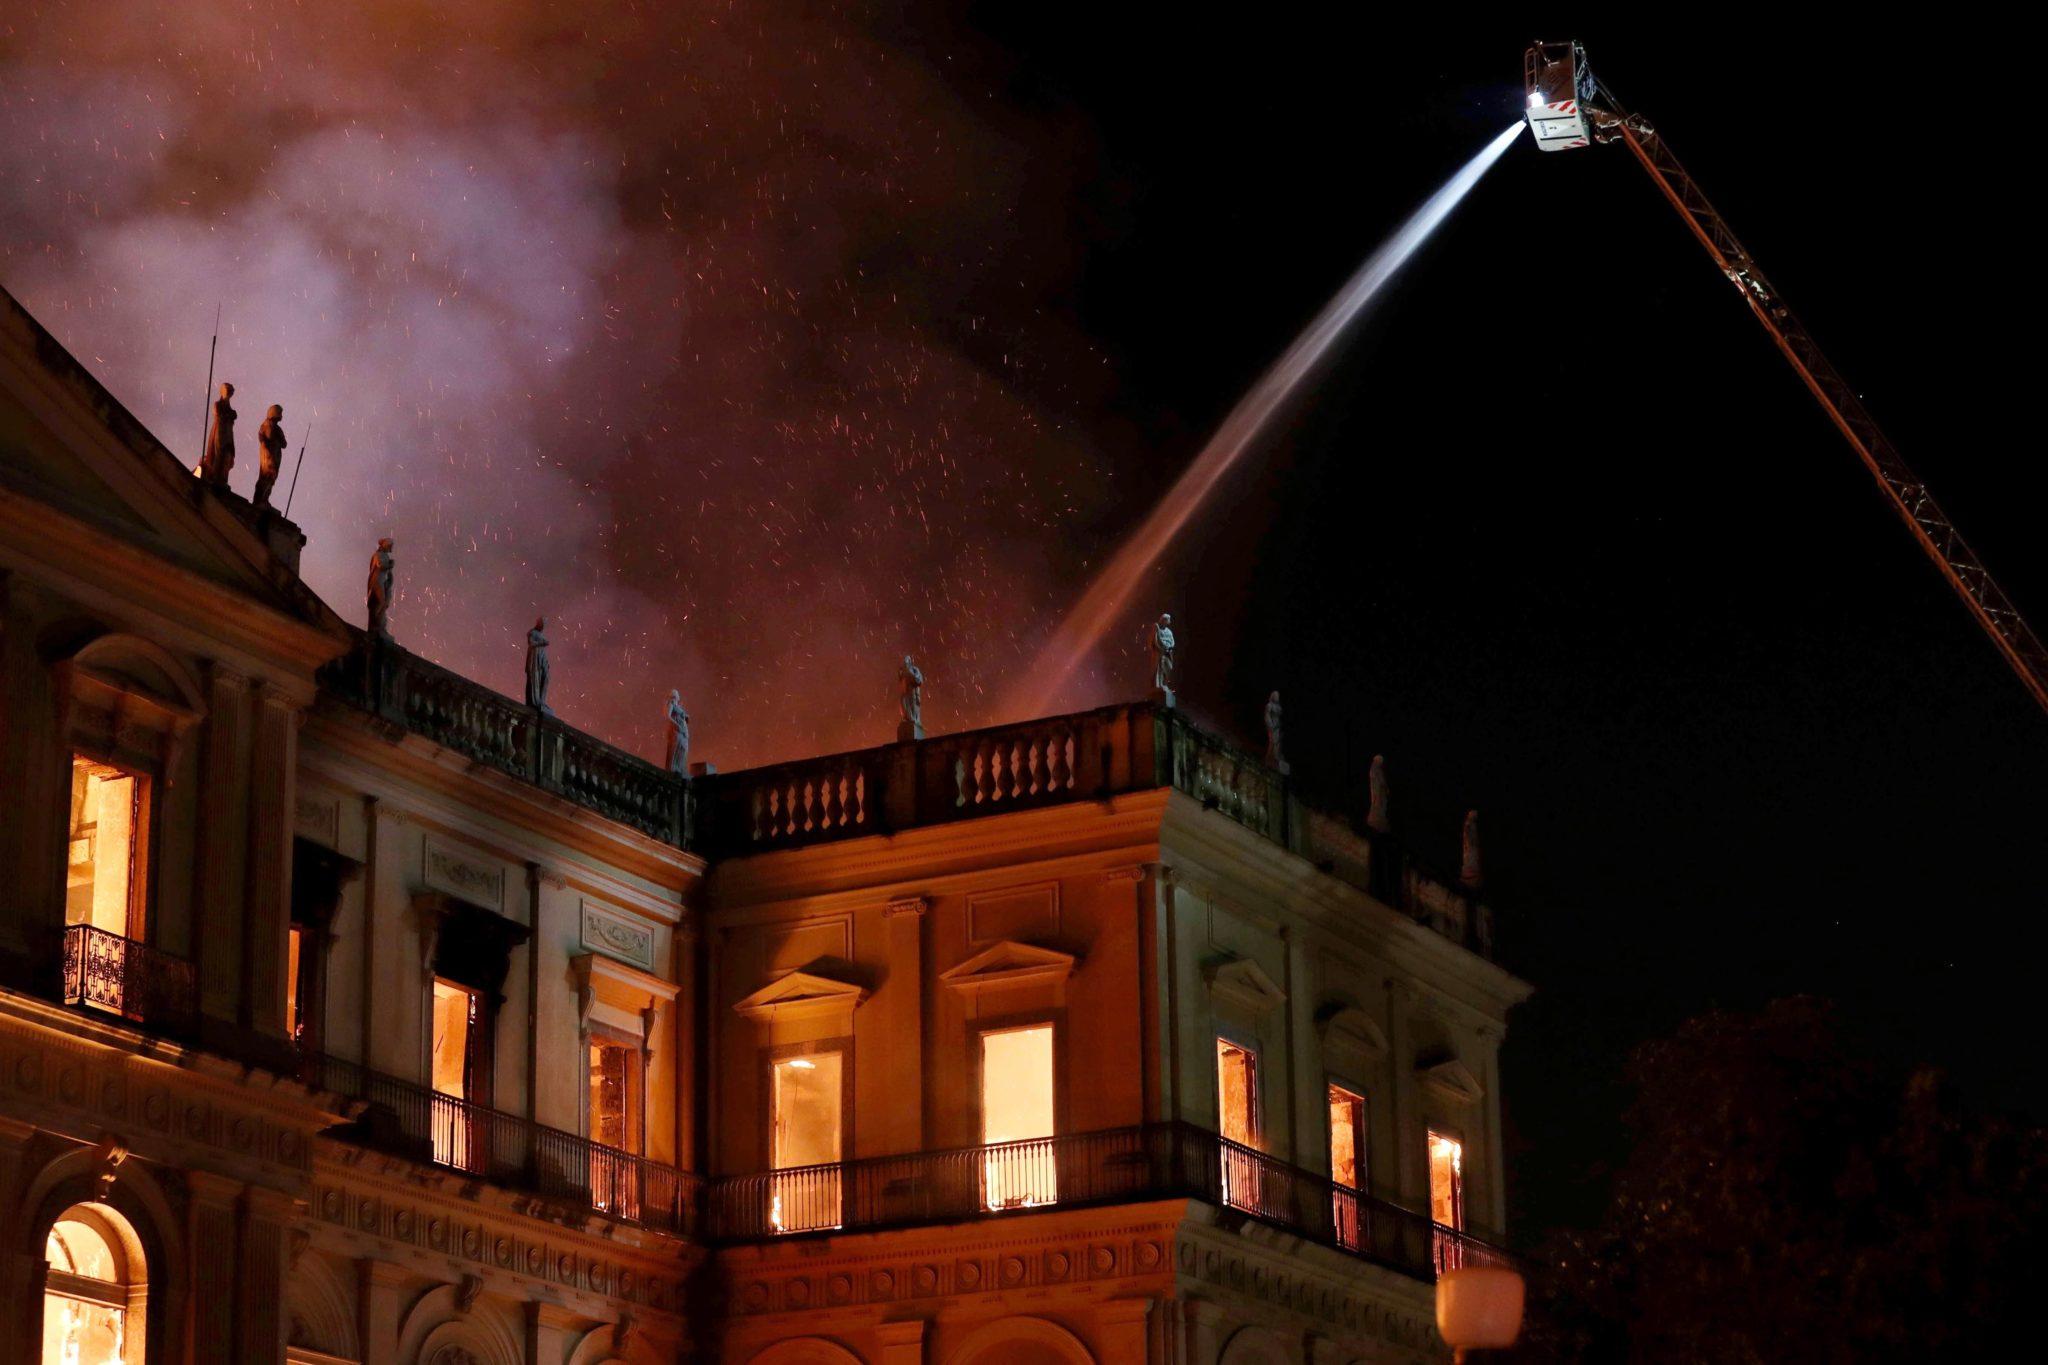 W pożarze Muzeum Narodowego w Rio de Janeiro spłonęło 90 % spośród około 20 mln eksponatów, w tym m.in. słynna czaszka Luzii, fot. Marcelo Sayao, PAP/EPA